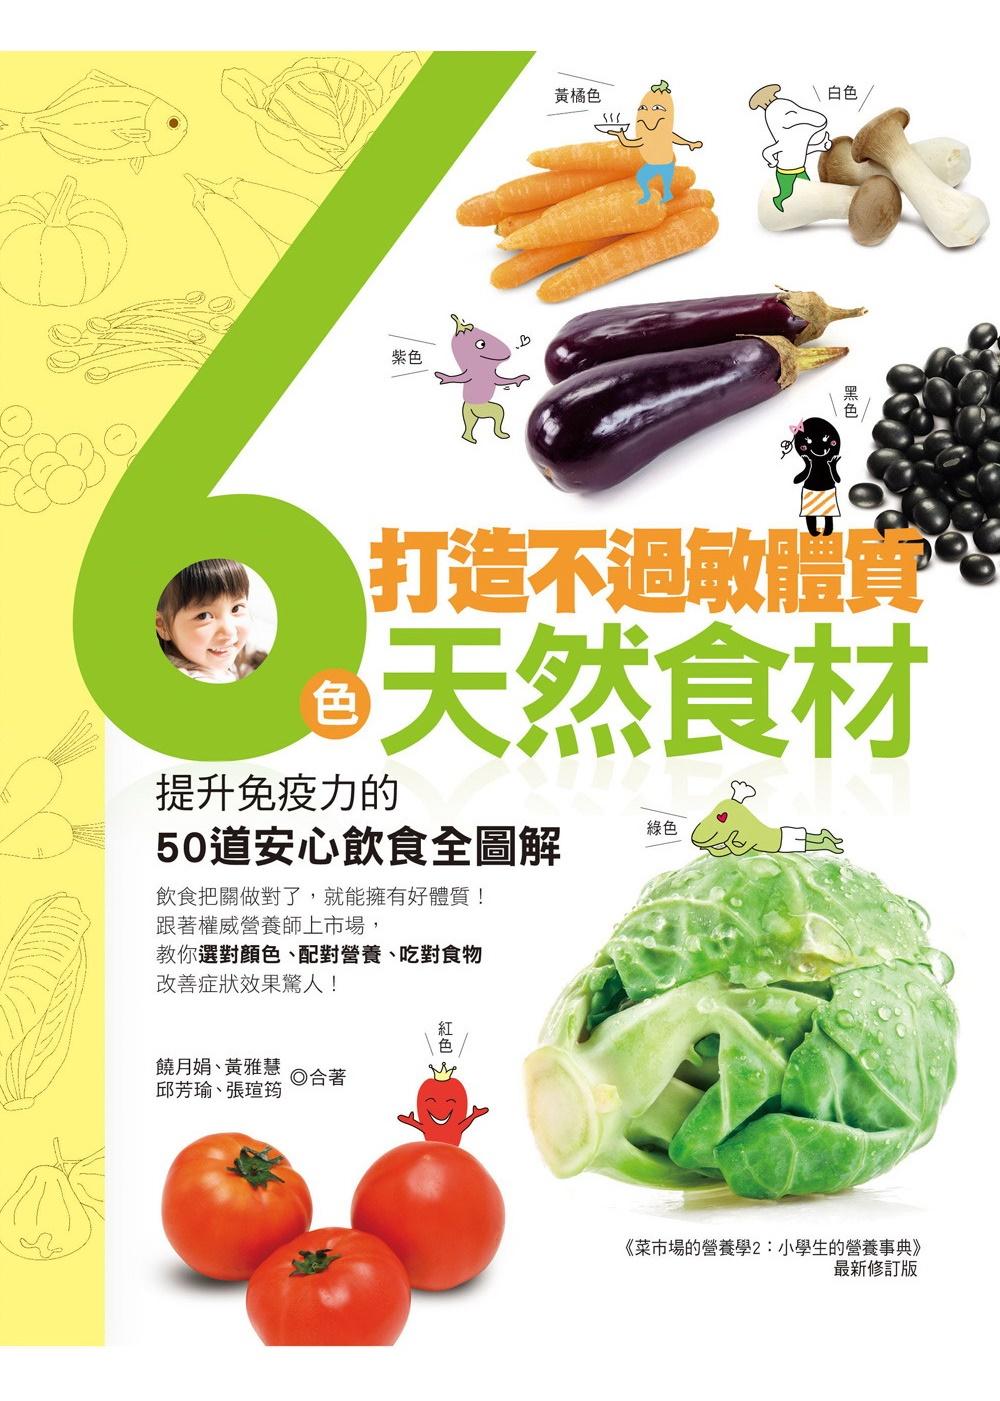 打造不過敏體質!6色天然食材:提升免疫力的50道安心飲食全圖解